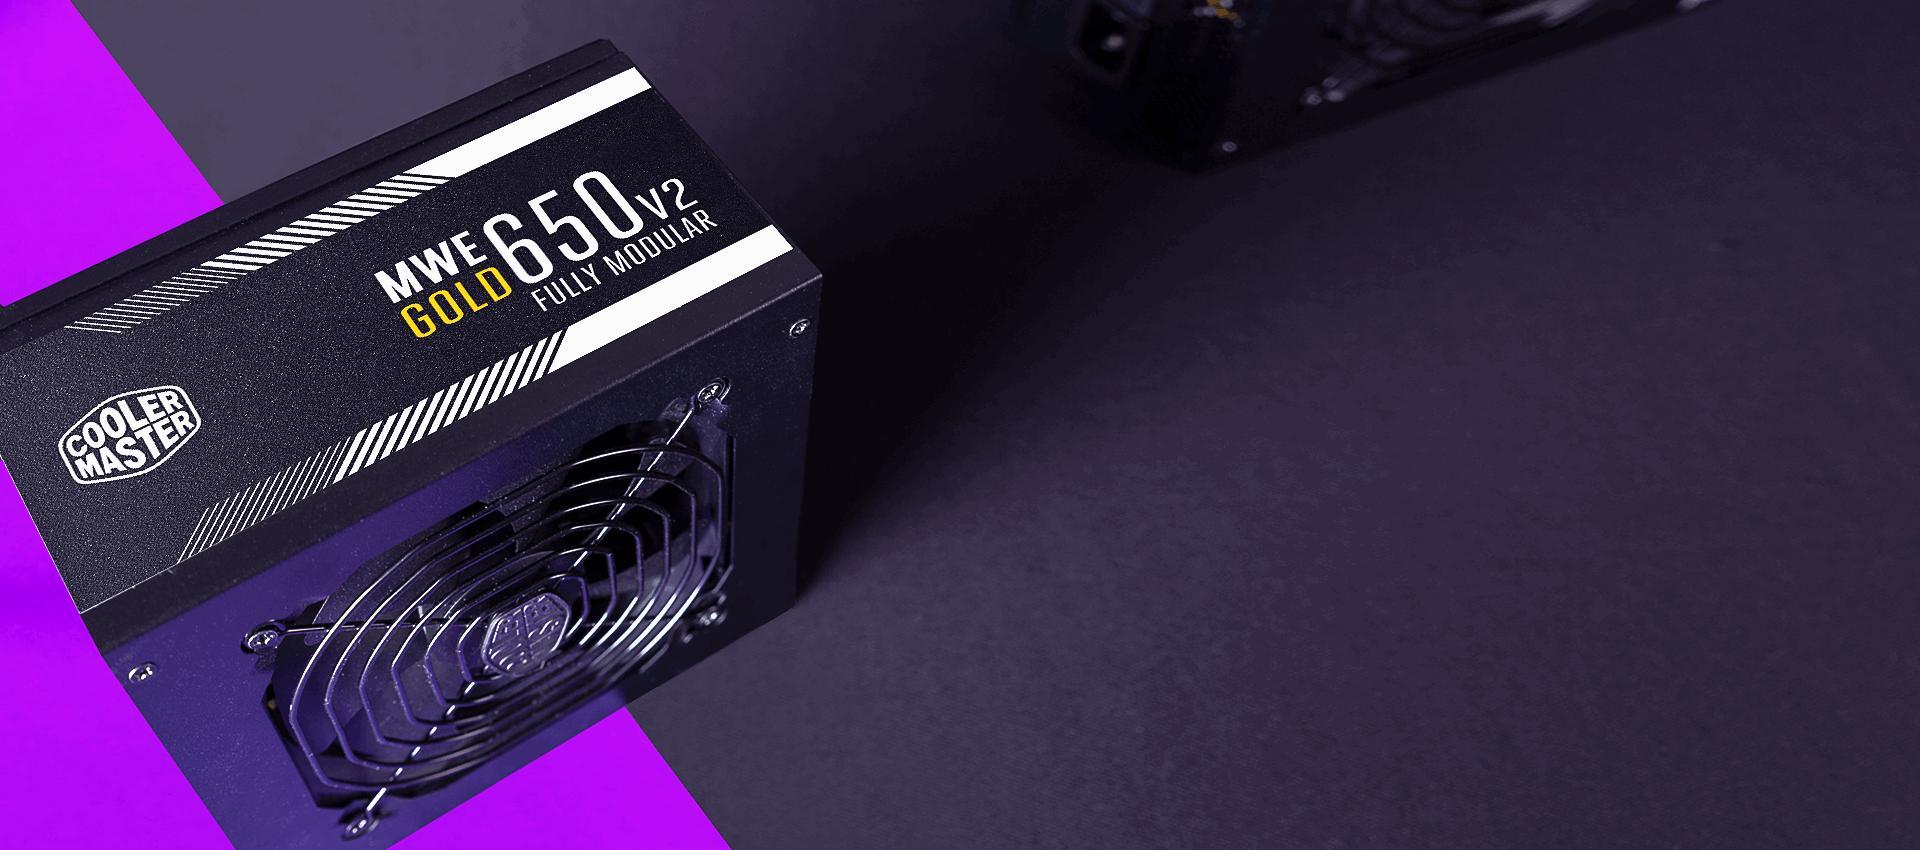 MWE GOLD 650 V2 FULL MODULAR